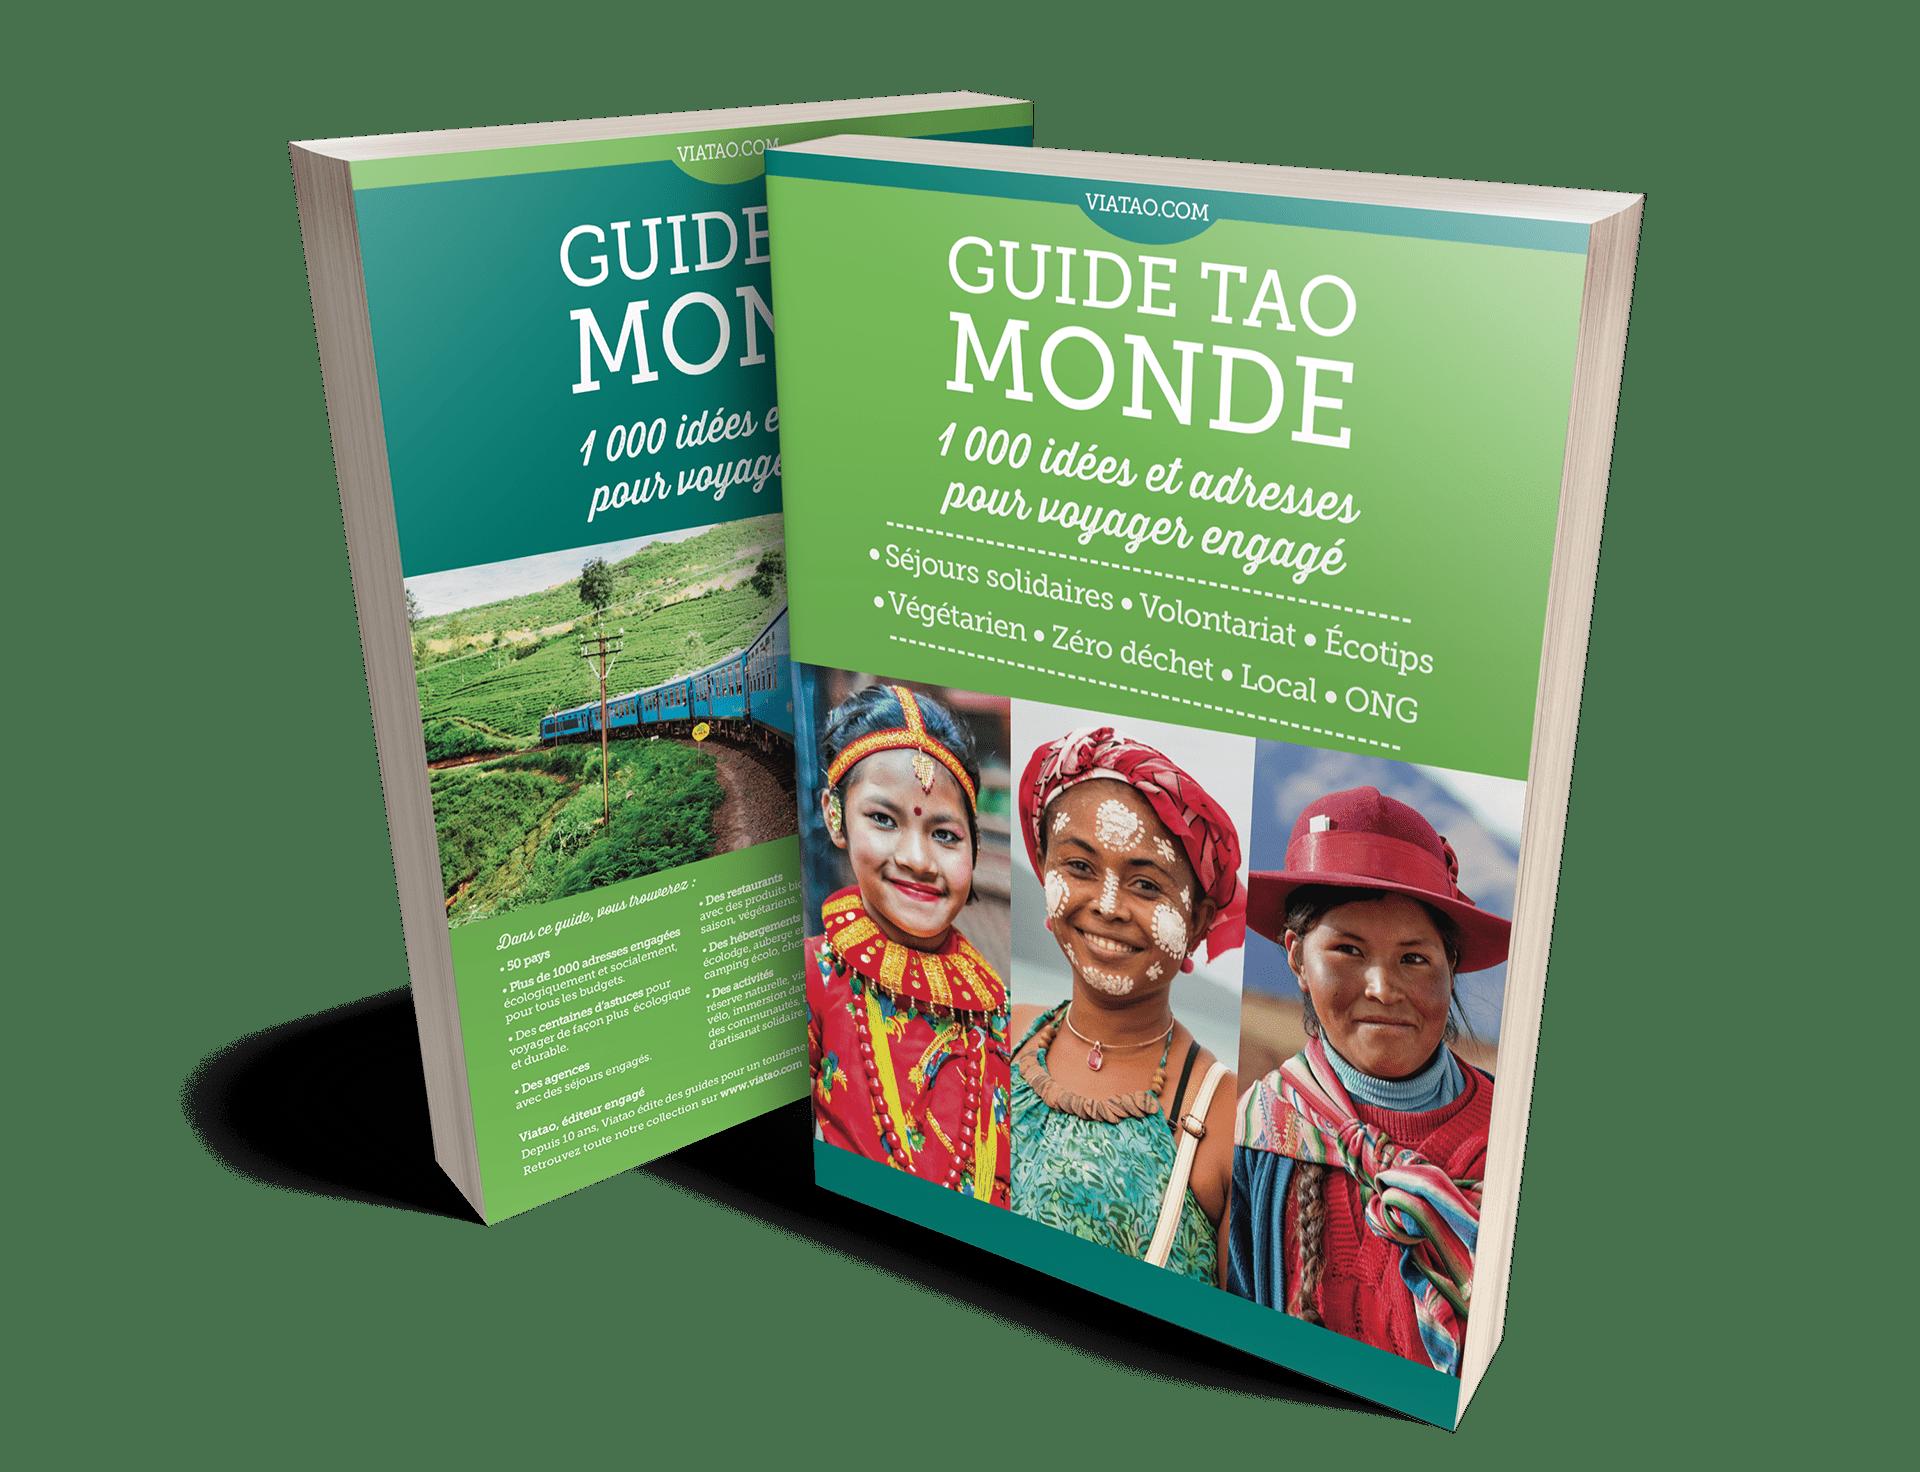 couverture du guide Tao Monde : voyager durable et engagé